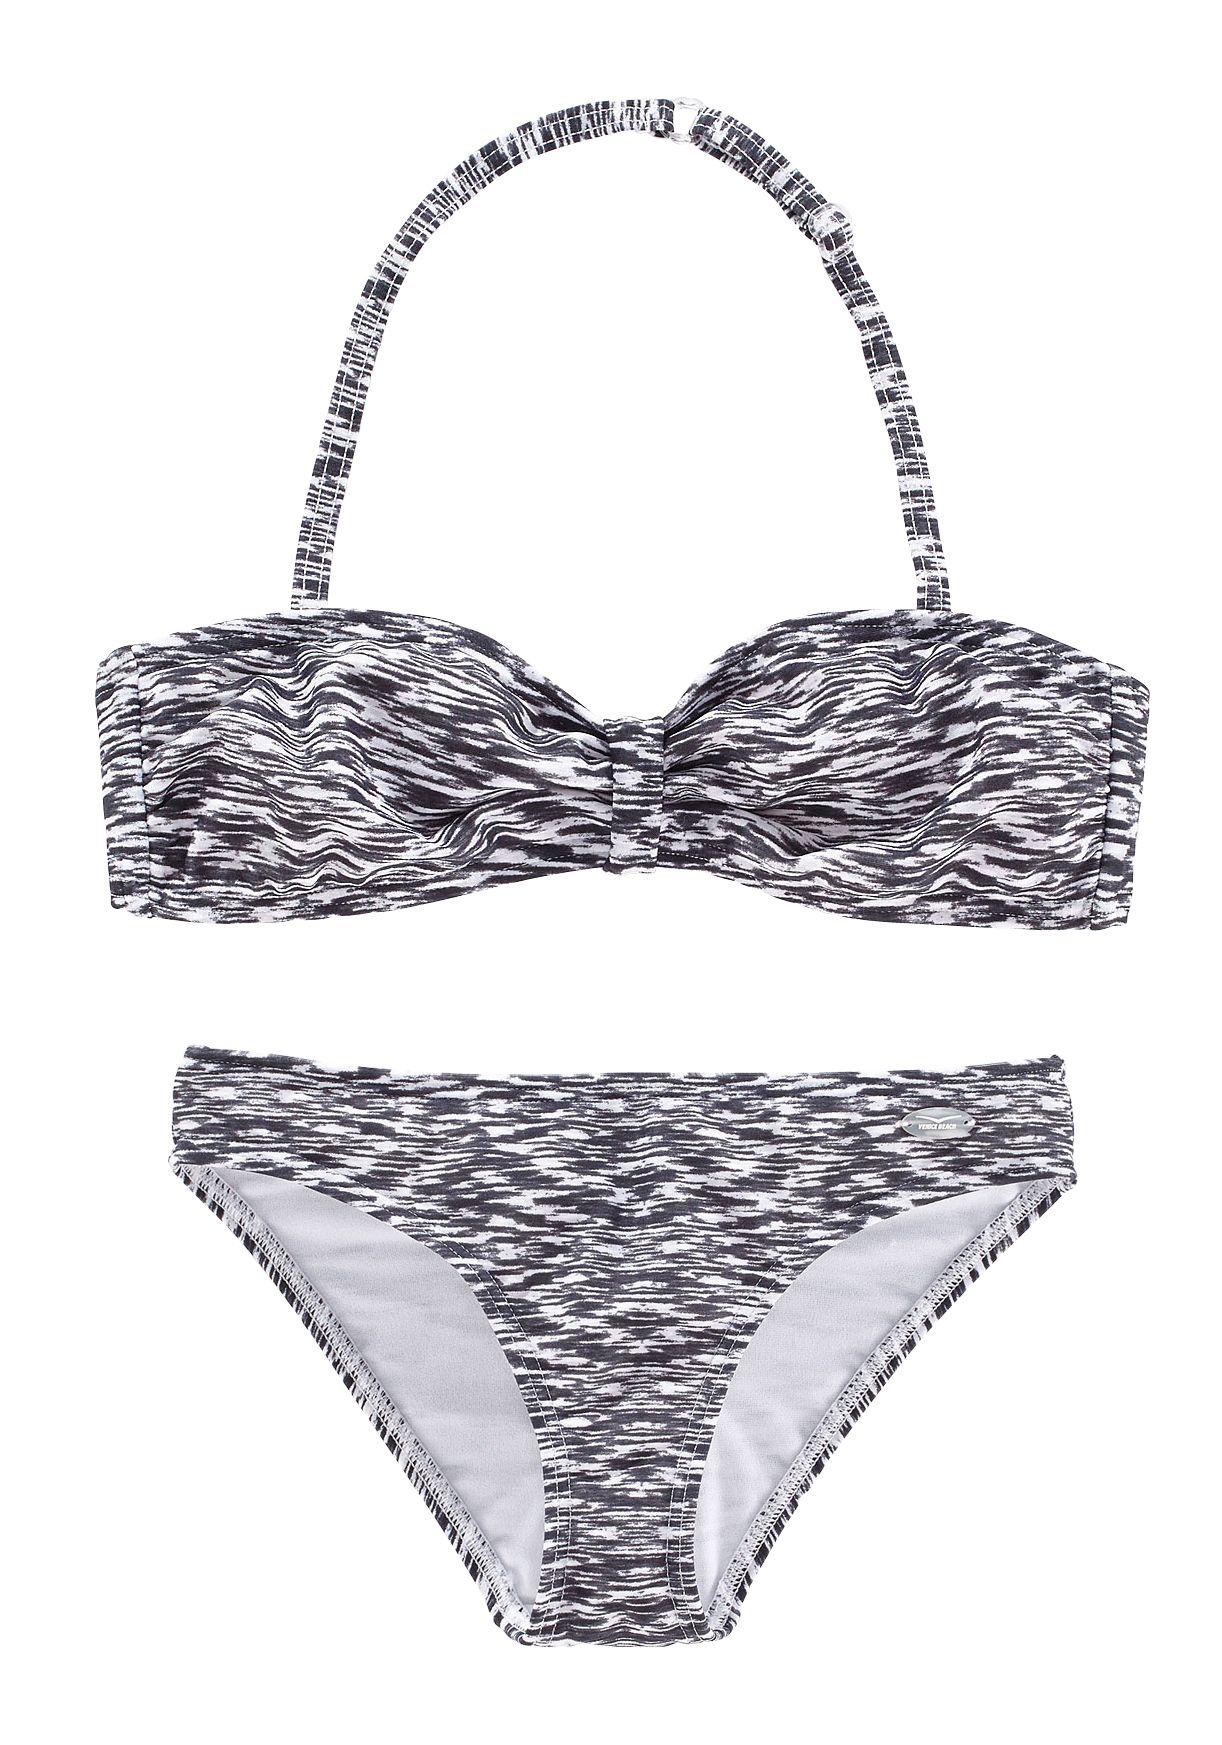 bandeau bikini g nstig online kaufen beim schwab versand. Black Bedroom Furniture Sets. Home Design Ideas